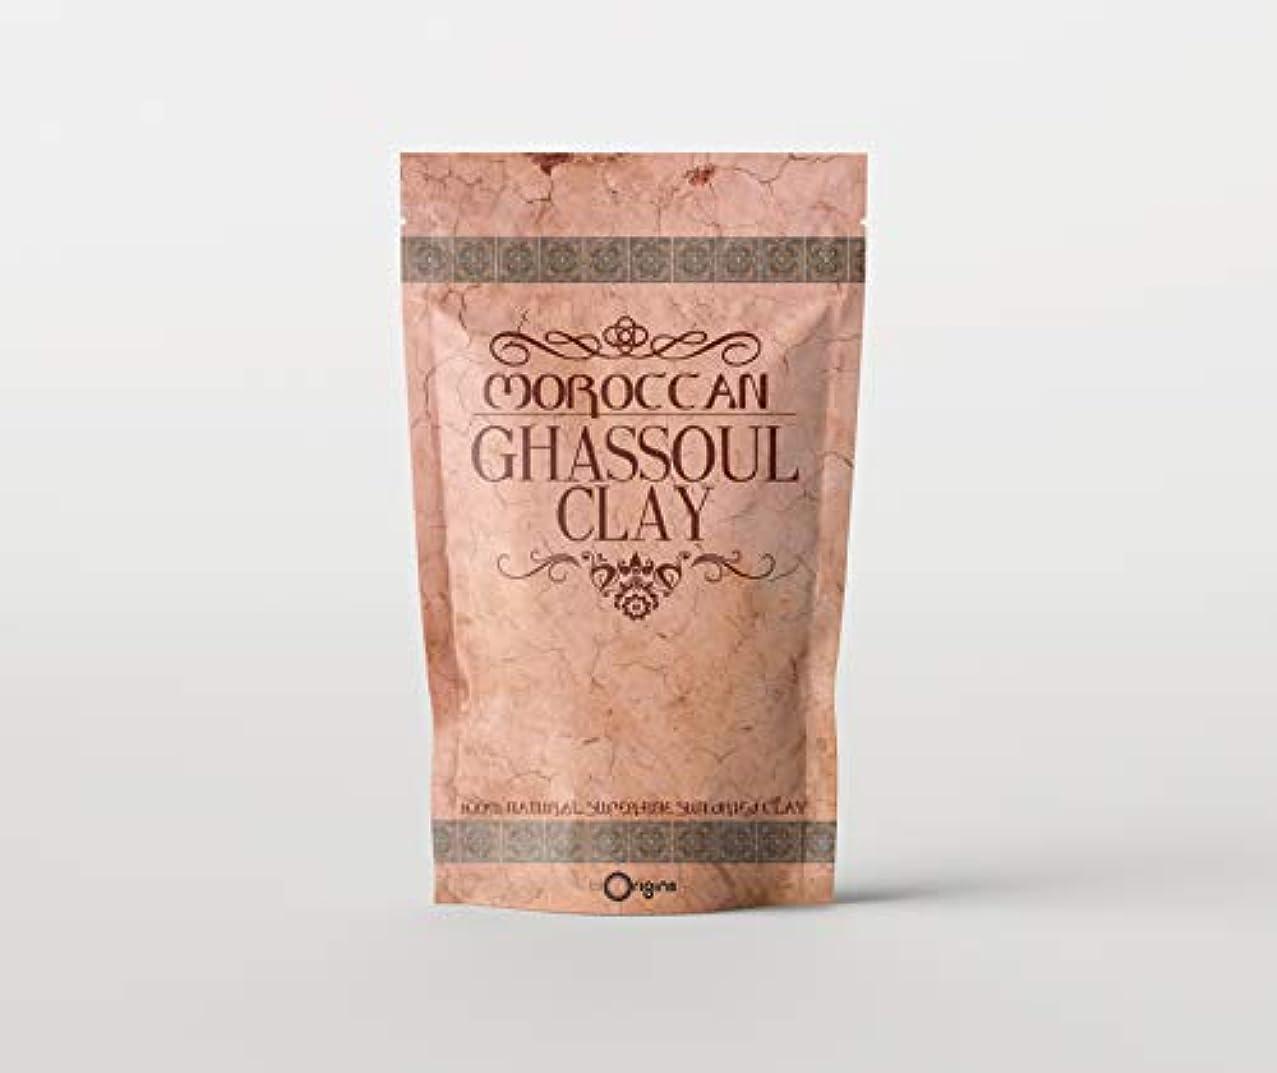 ベッドを作るロビー立派なGhassoul (Rhassoul) Clay - 1Kg